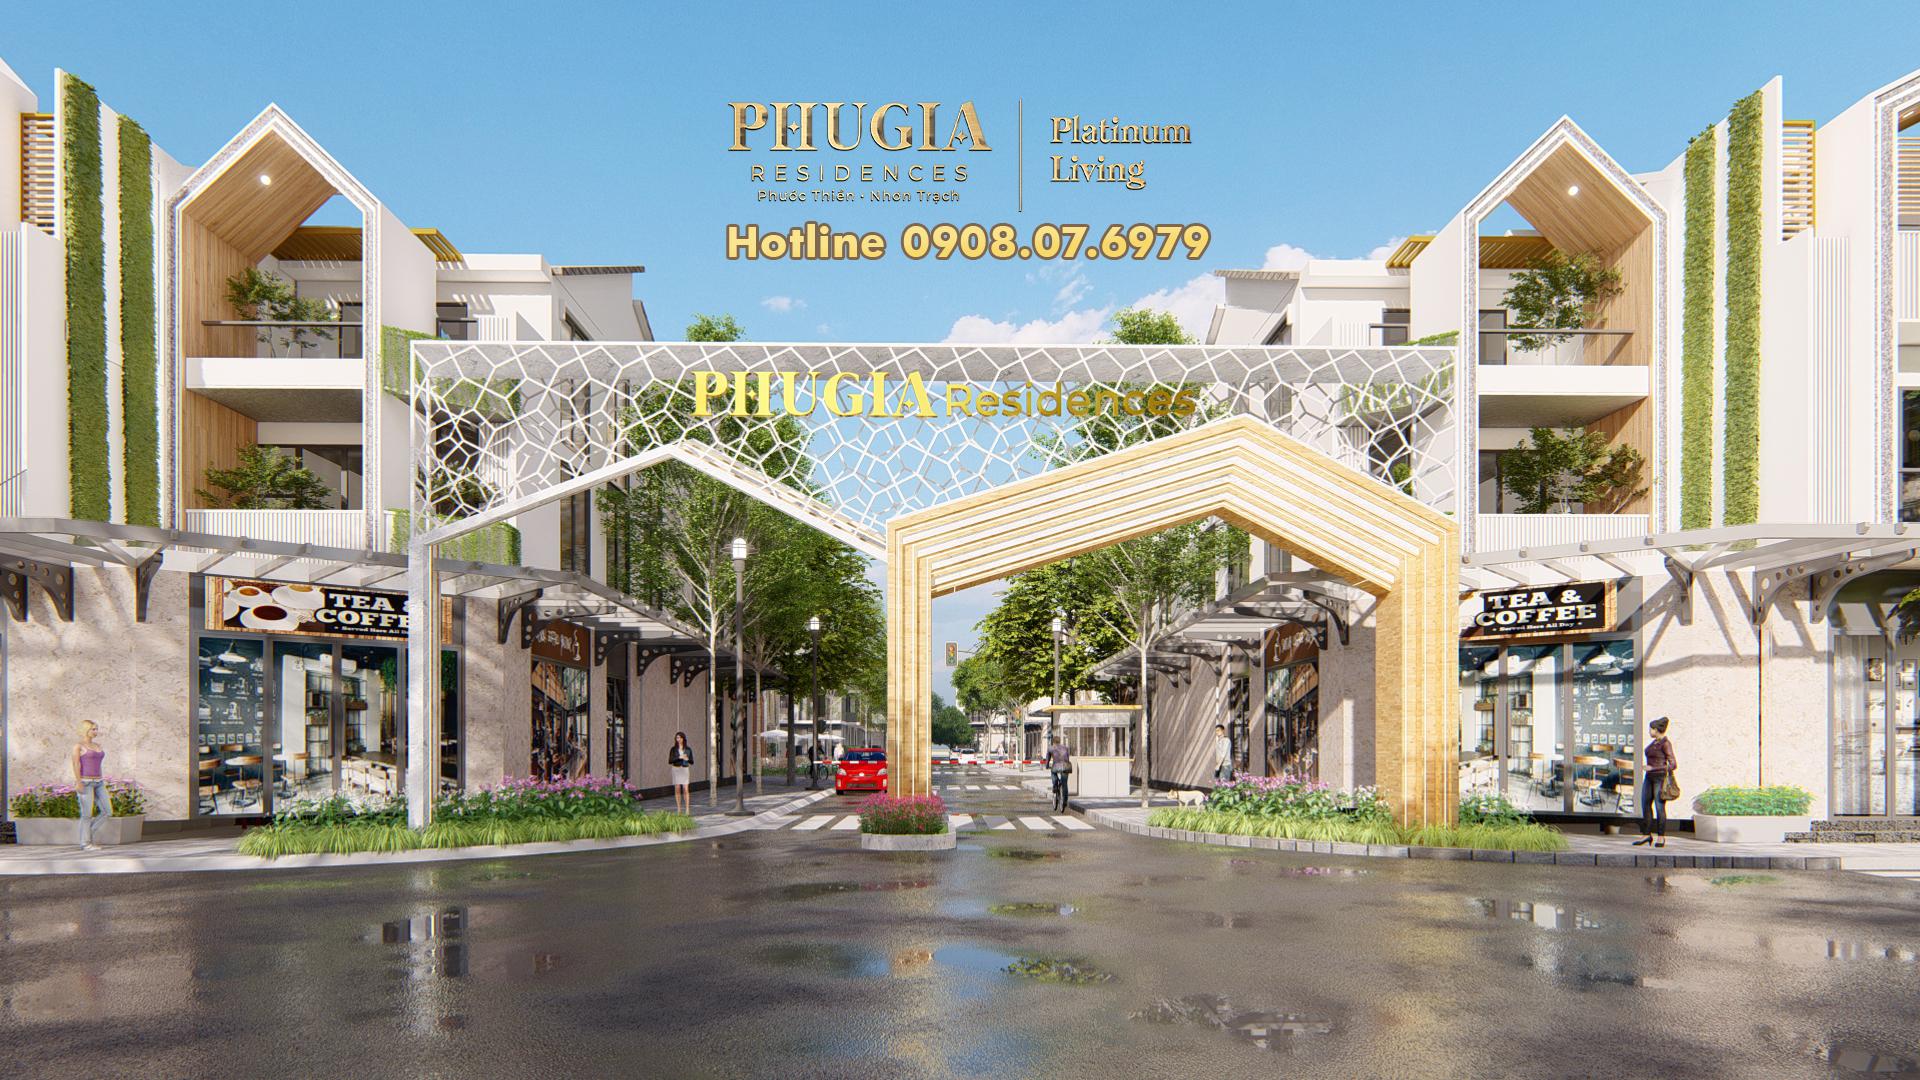 Cổng Chào Dự án Phú Gia Residences | Hotline 0908.07.6979